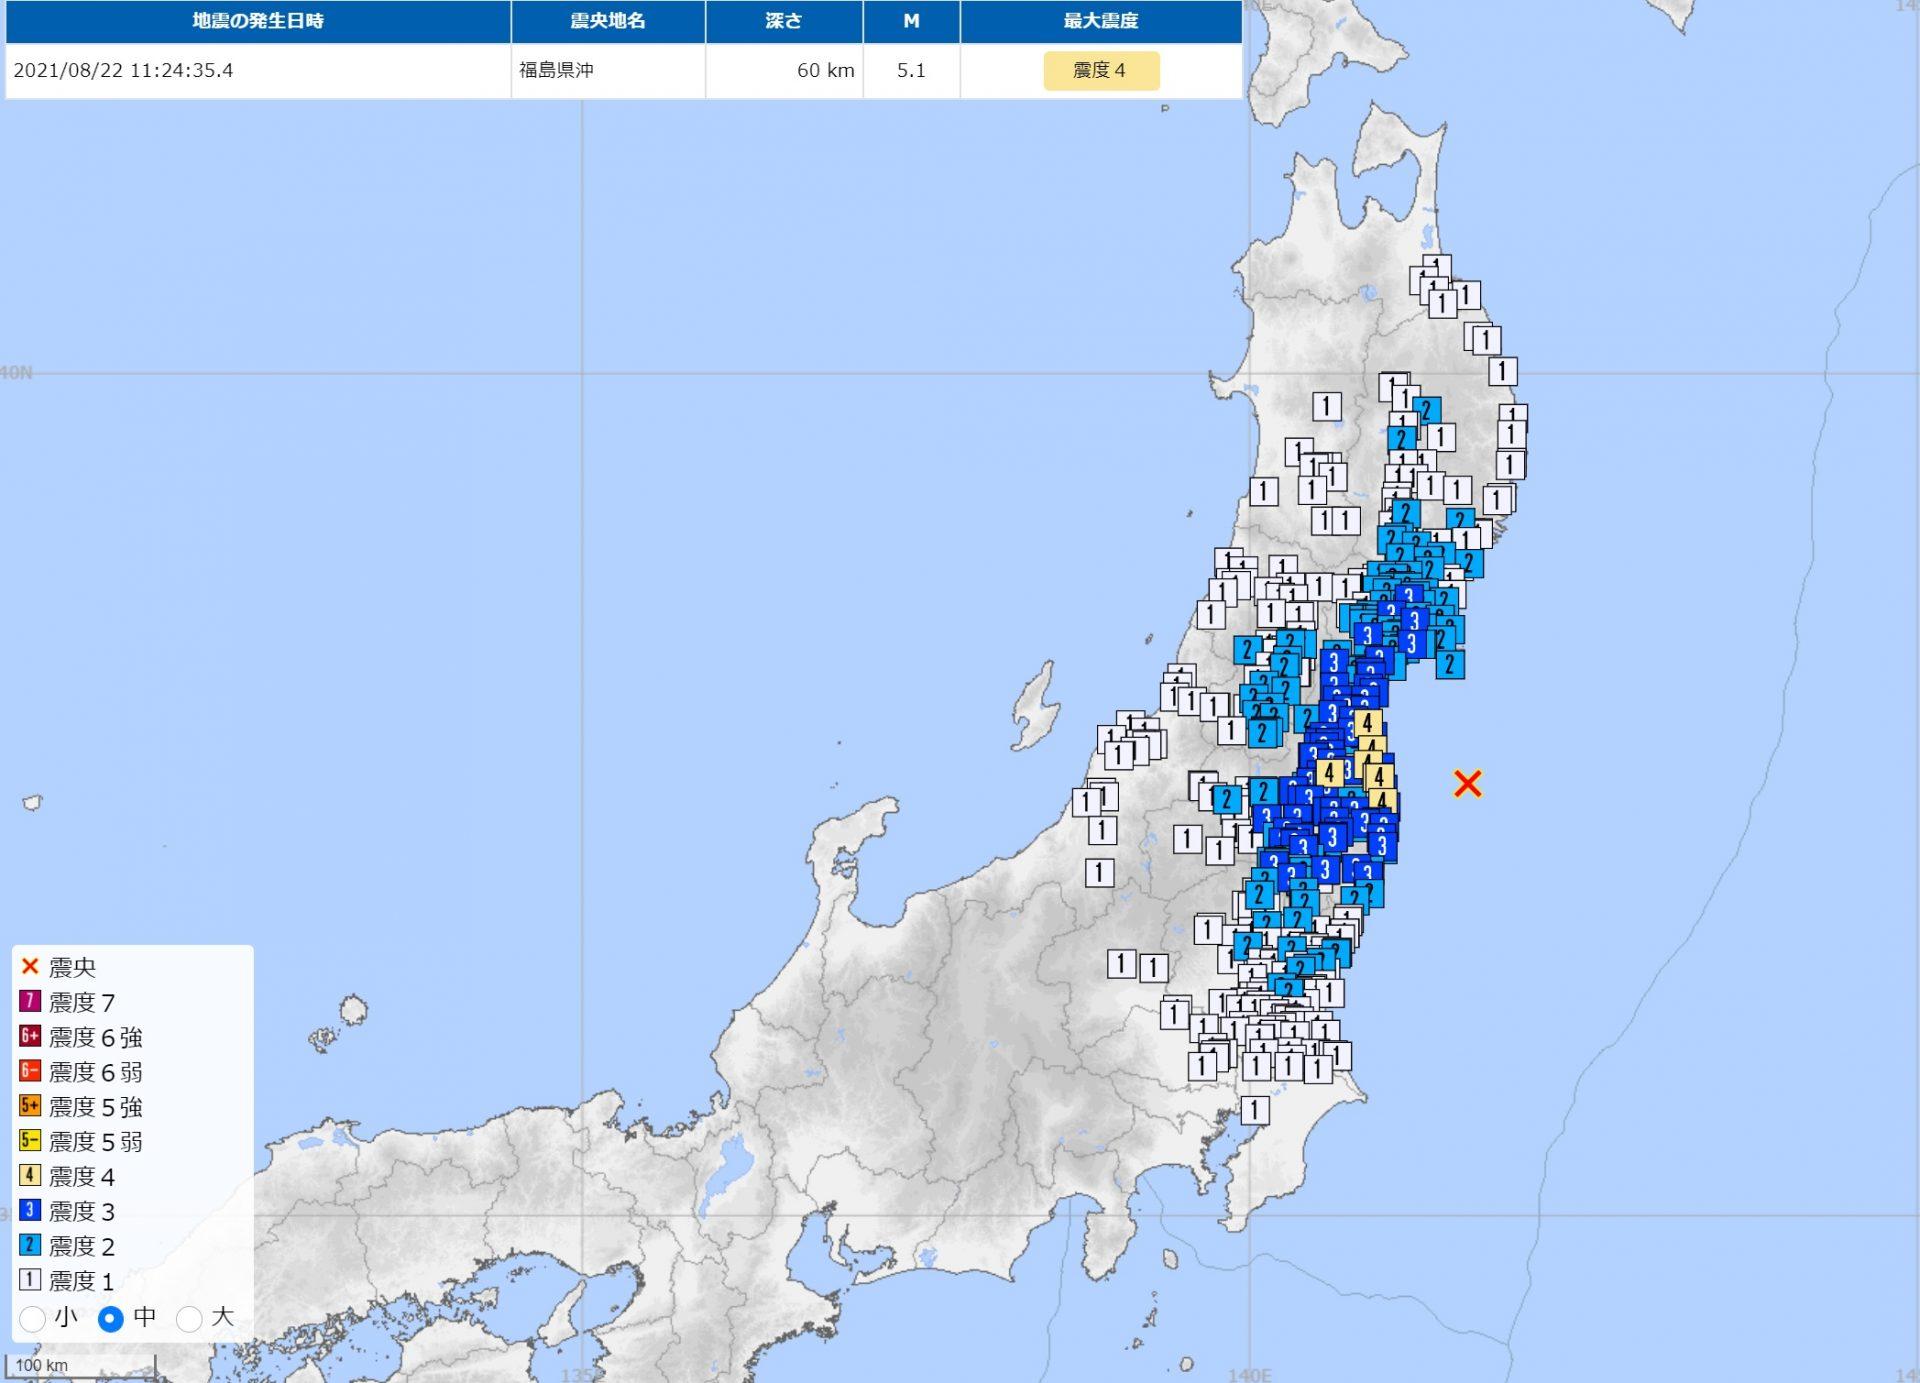 8月22日発生地震